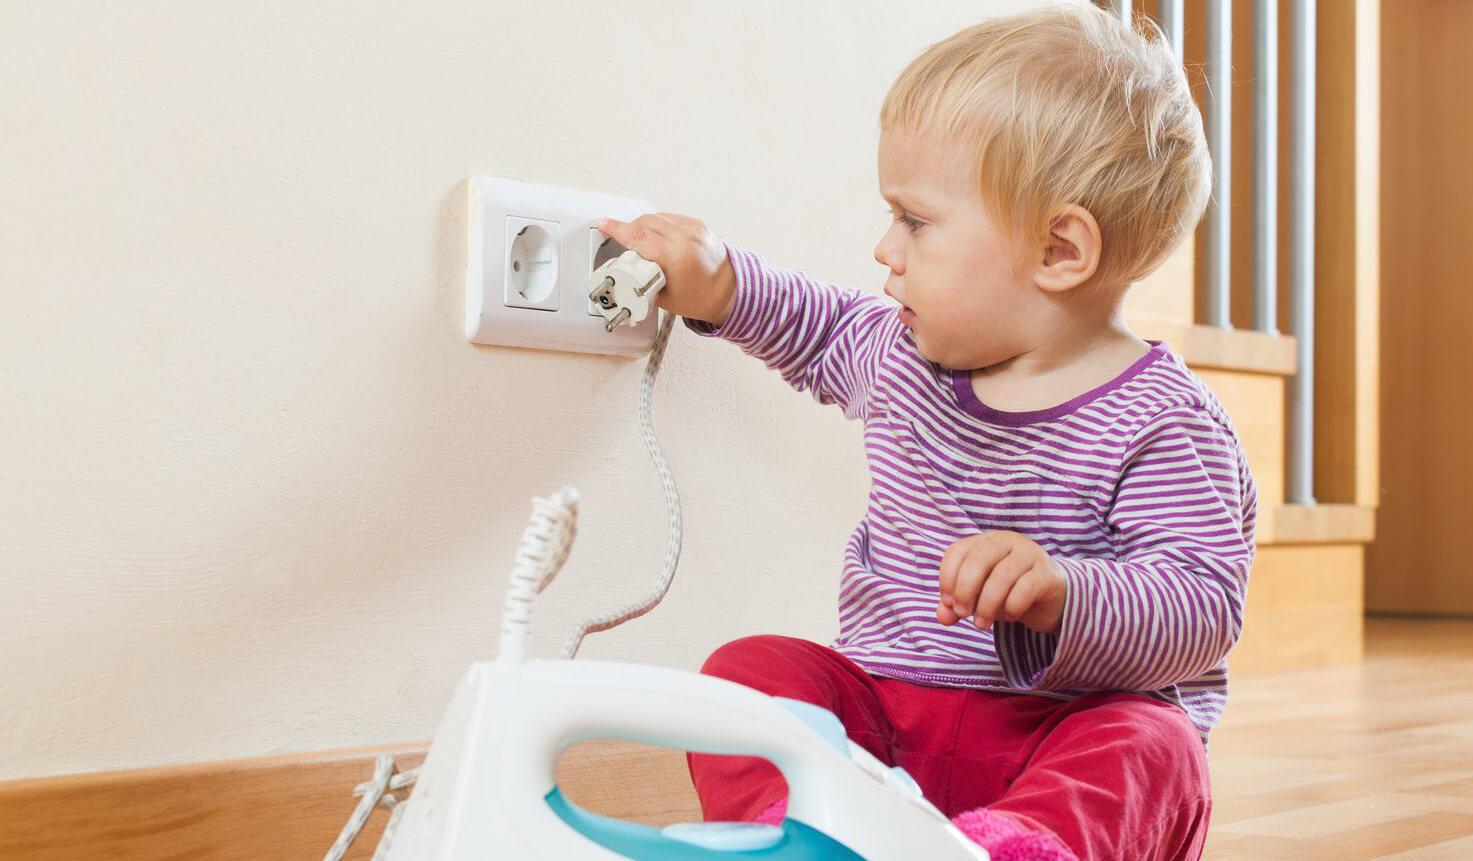 khong de tre gan o cam dien - Top 6 lưu ý cần thiết khi sử dụng đồ điện trong nhà